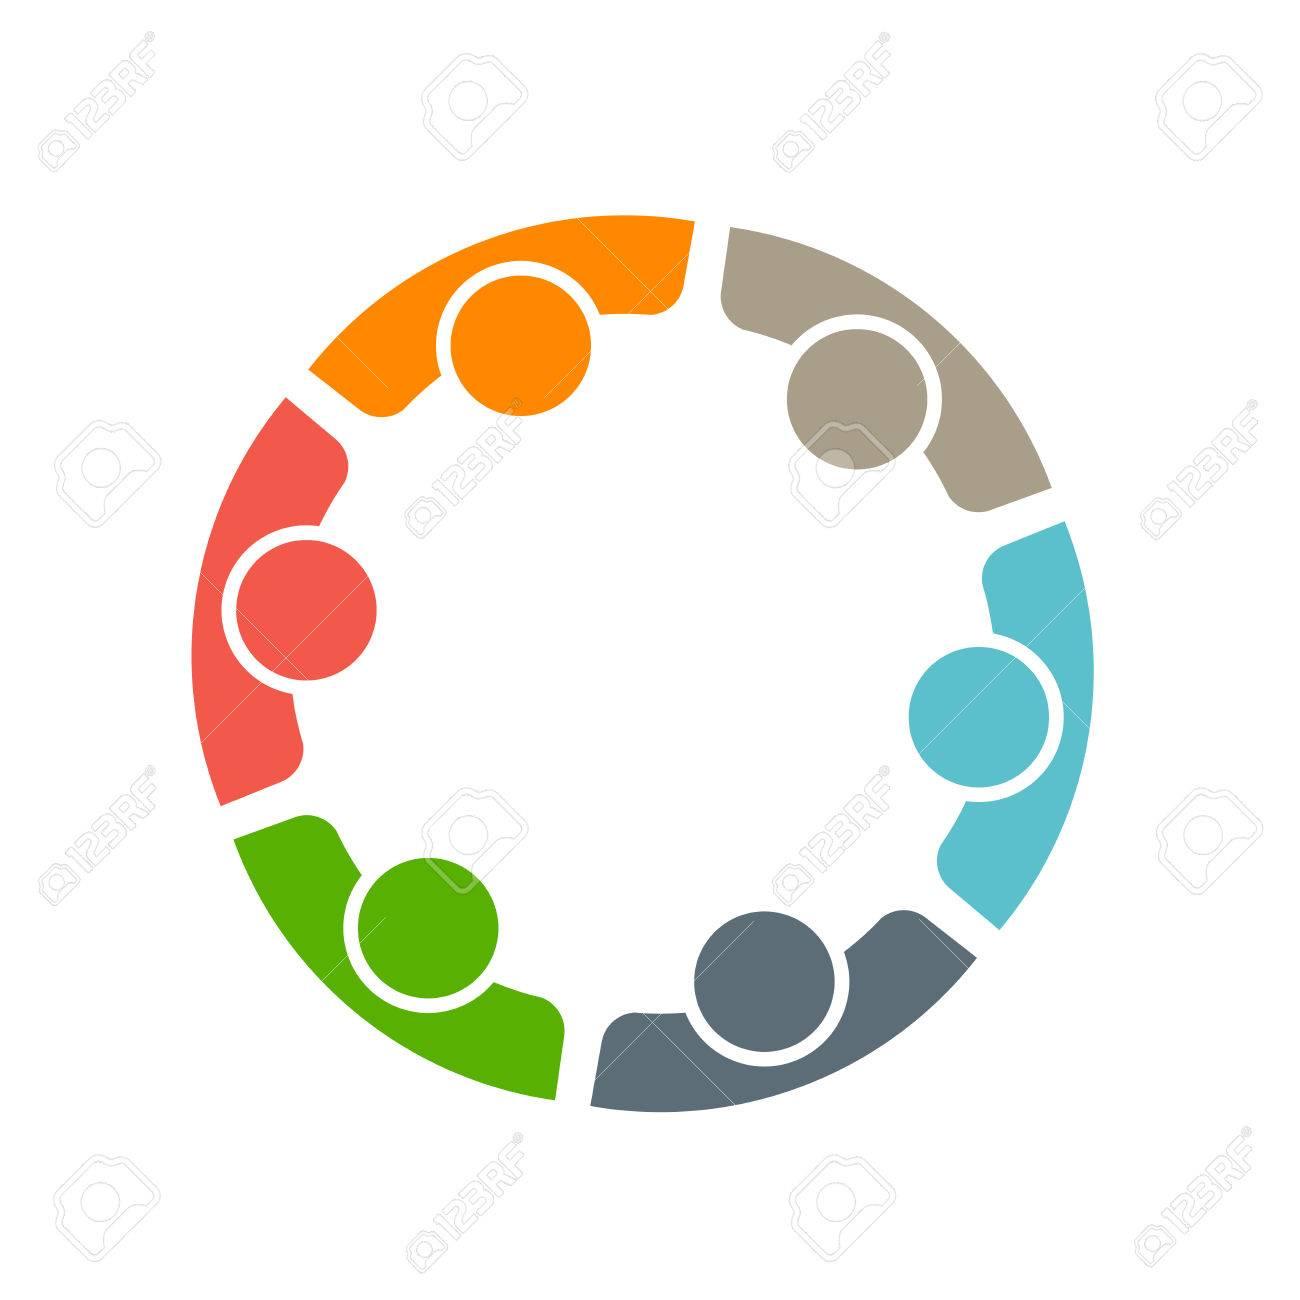 Team di sei persone. Concetto di gruppo di persone che si incontrano collaborazione e grande lavoro. Archivio Fotografico - 42091795